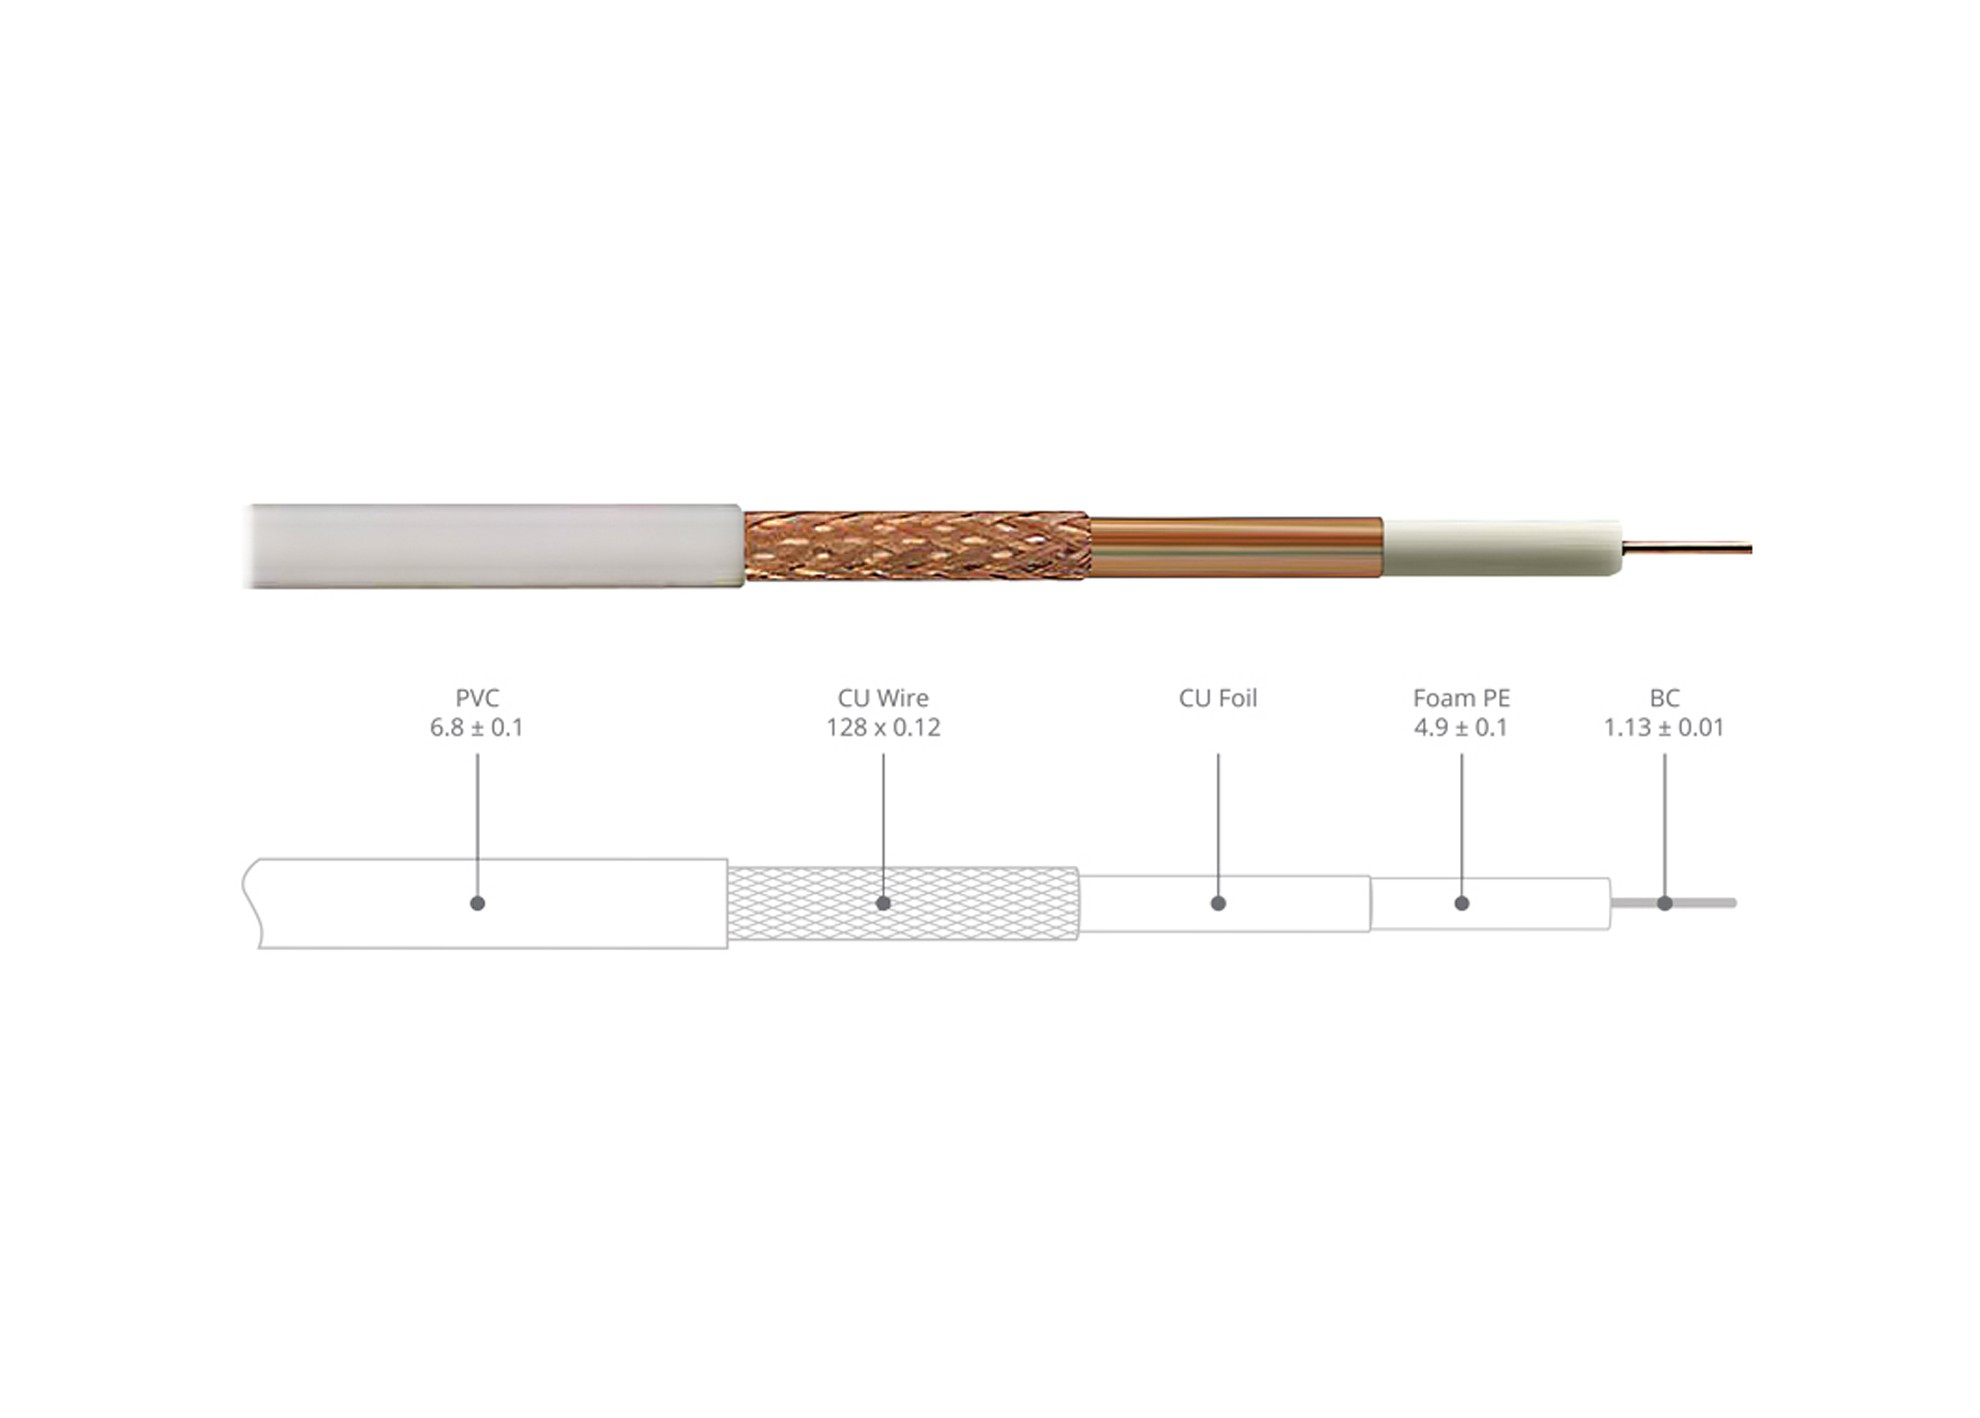 Kábel koaxiál AB RG6CU Profi 300m roll